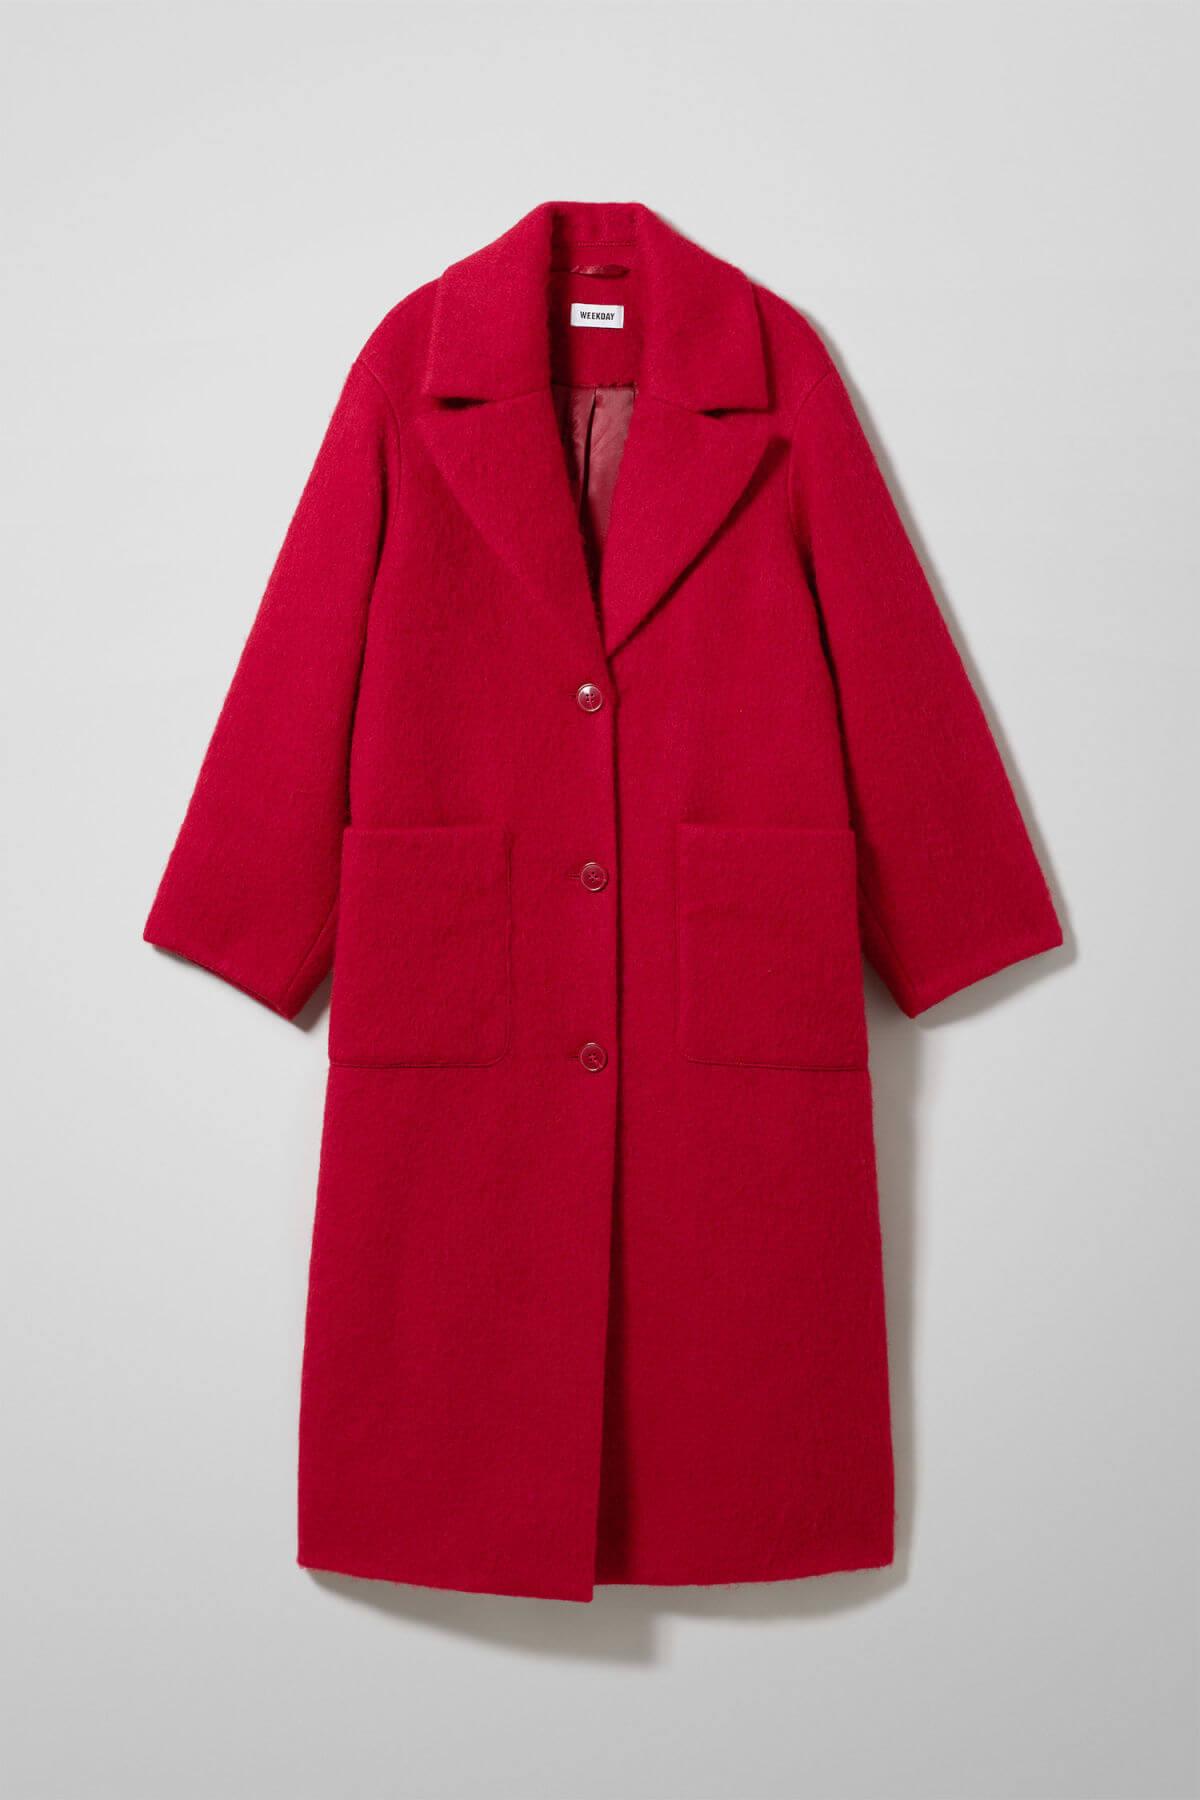 Röd kappa med stor krage